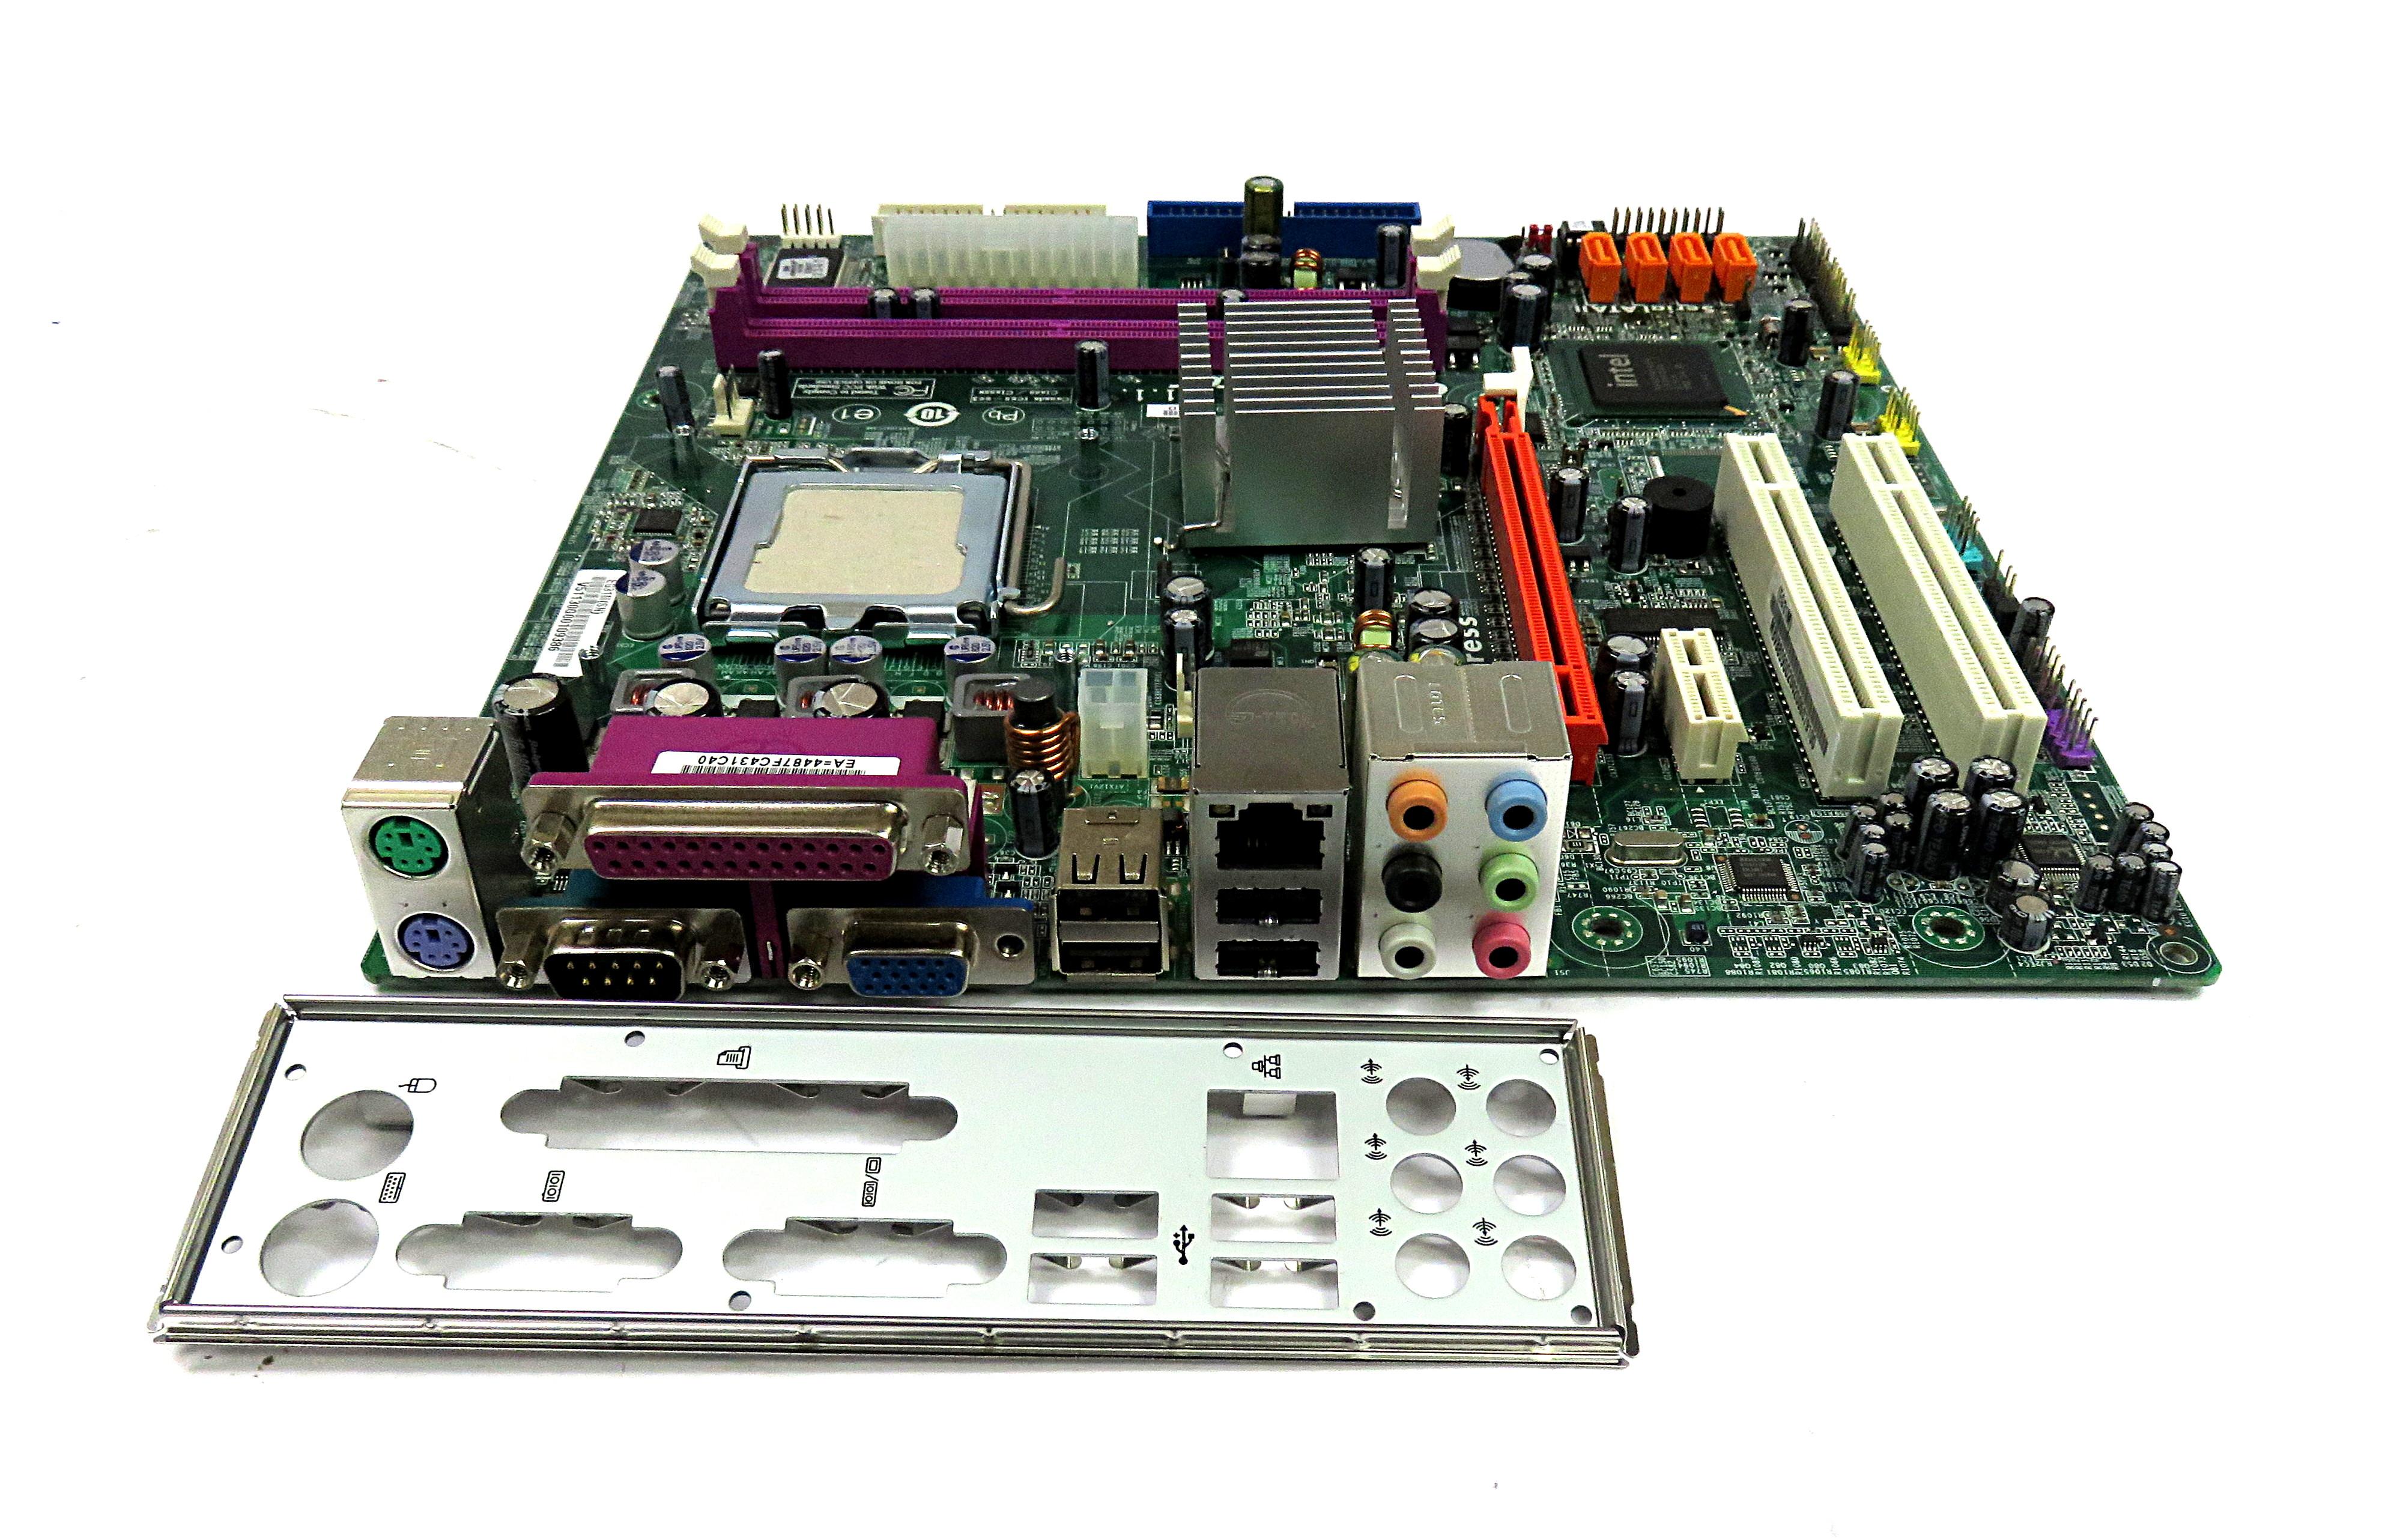 Acer EG31M V.1.1 Intel Socket 775 Motherboard MB.V8809.002